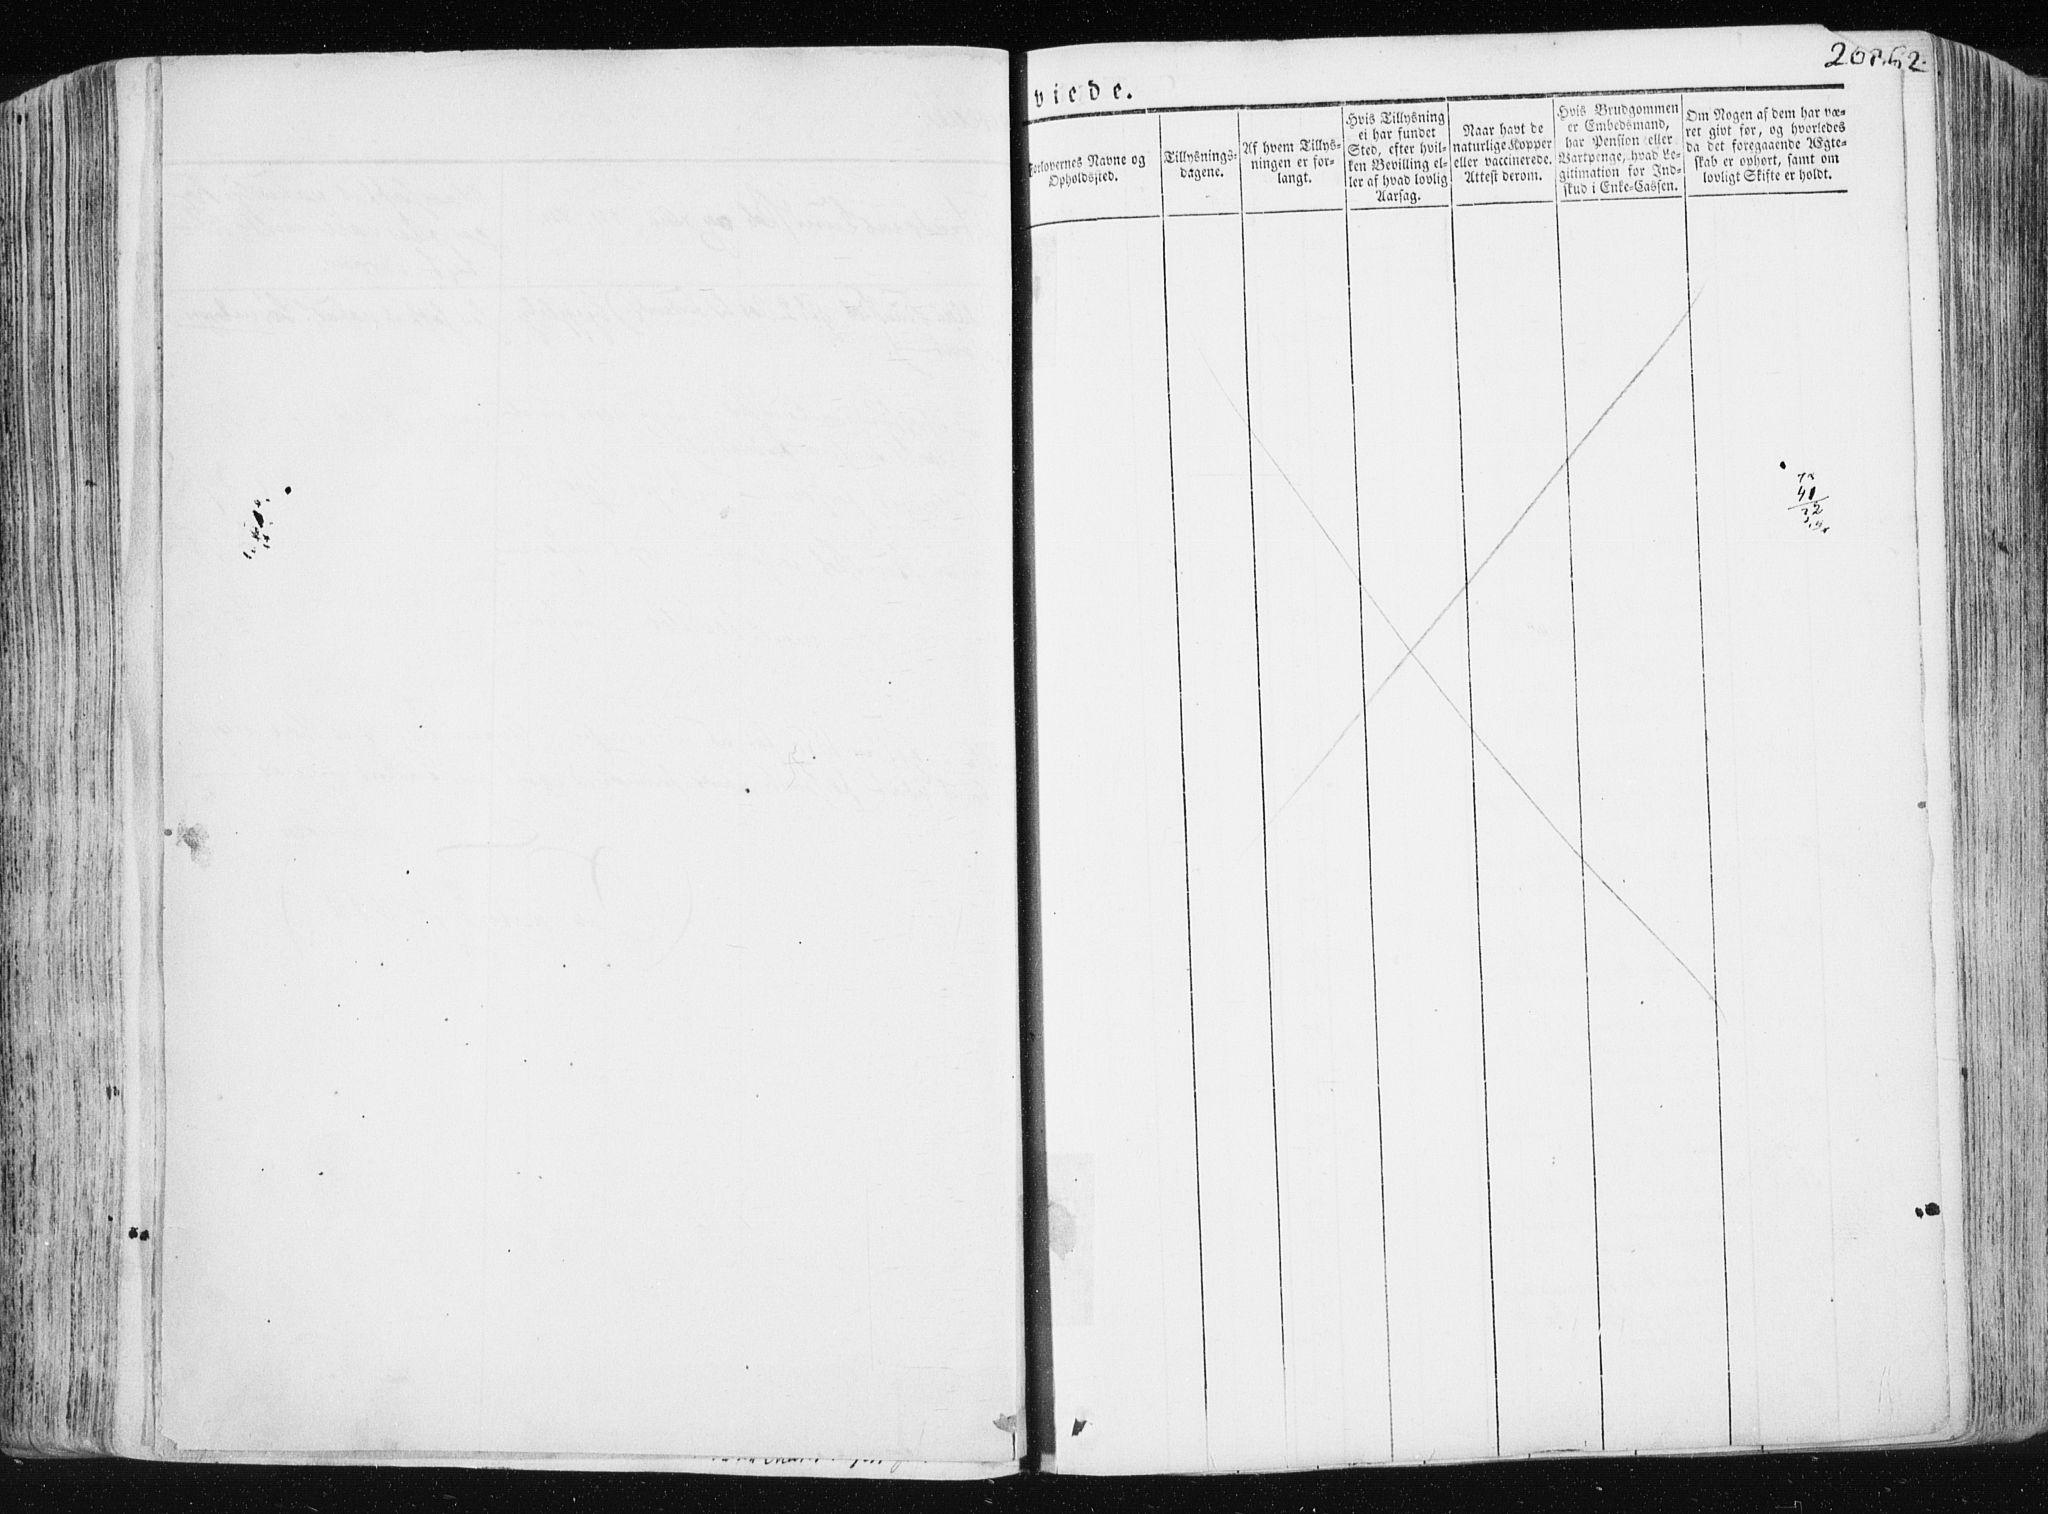 SAT, Ministerialprotokoller, klokkerbøker og fødselsregistre - Sør-Trøndelag, 665/L0771: Ministerialbok nr. 665A06, 1830-1856, s. 261